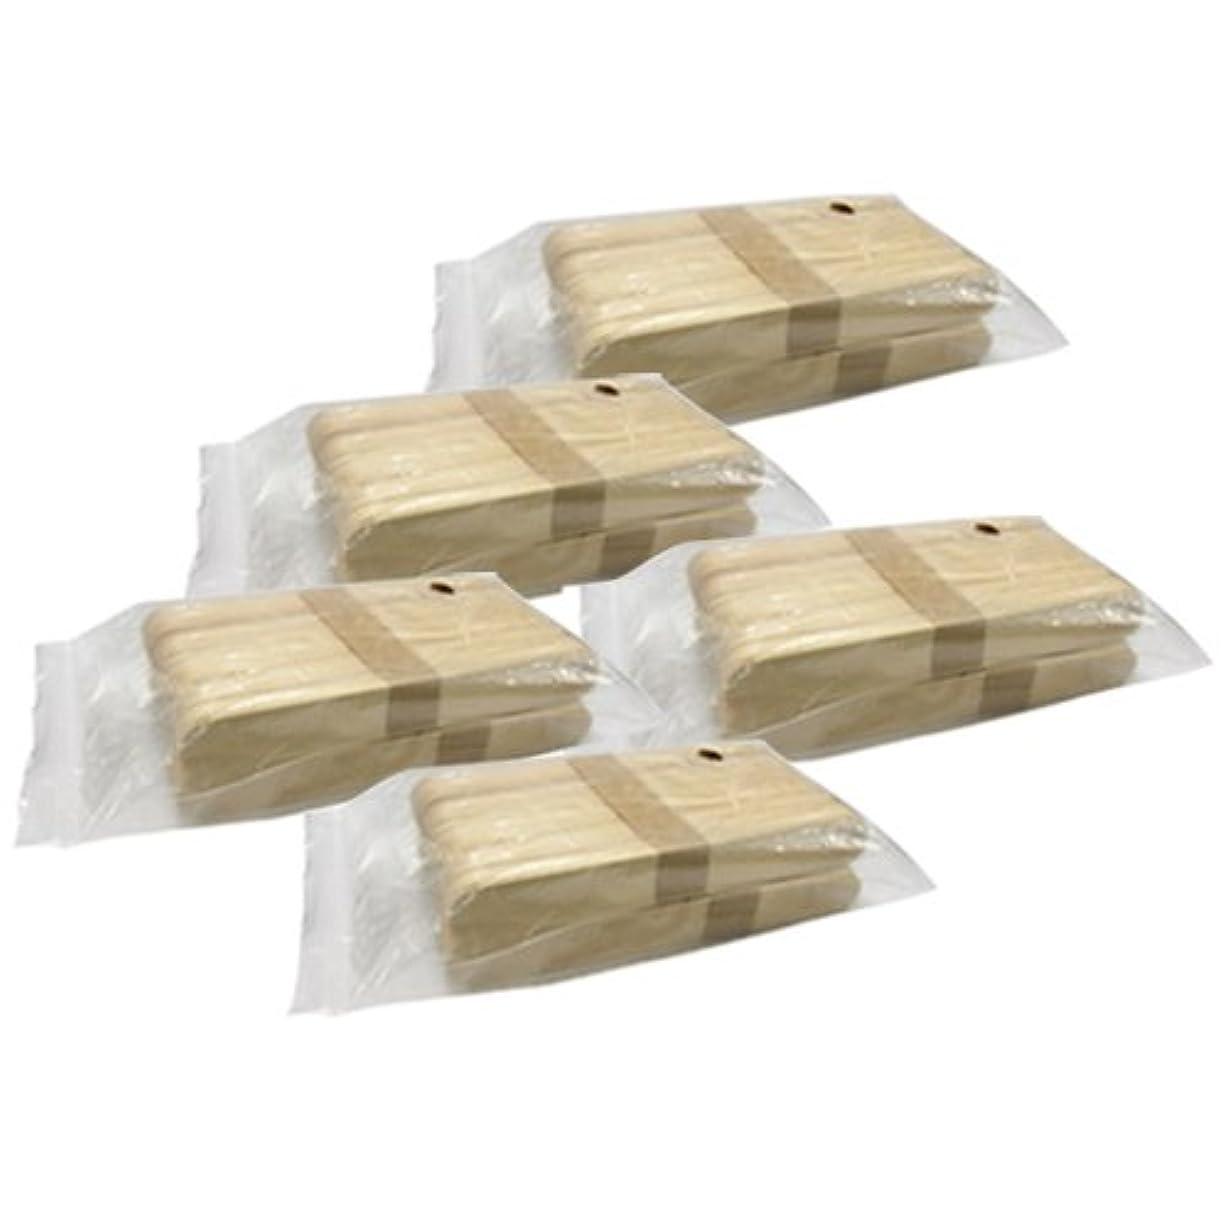 むちゃくちゃサージ雰囲気使い捨て【木ベラ/ウッドスパチュラ】(業務用100枚入り) × 5袋セット(計500枚)/WAX脱毛等や舌厚子にも …